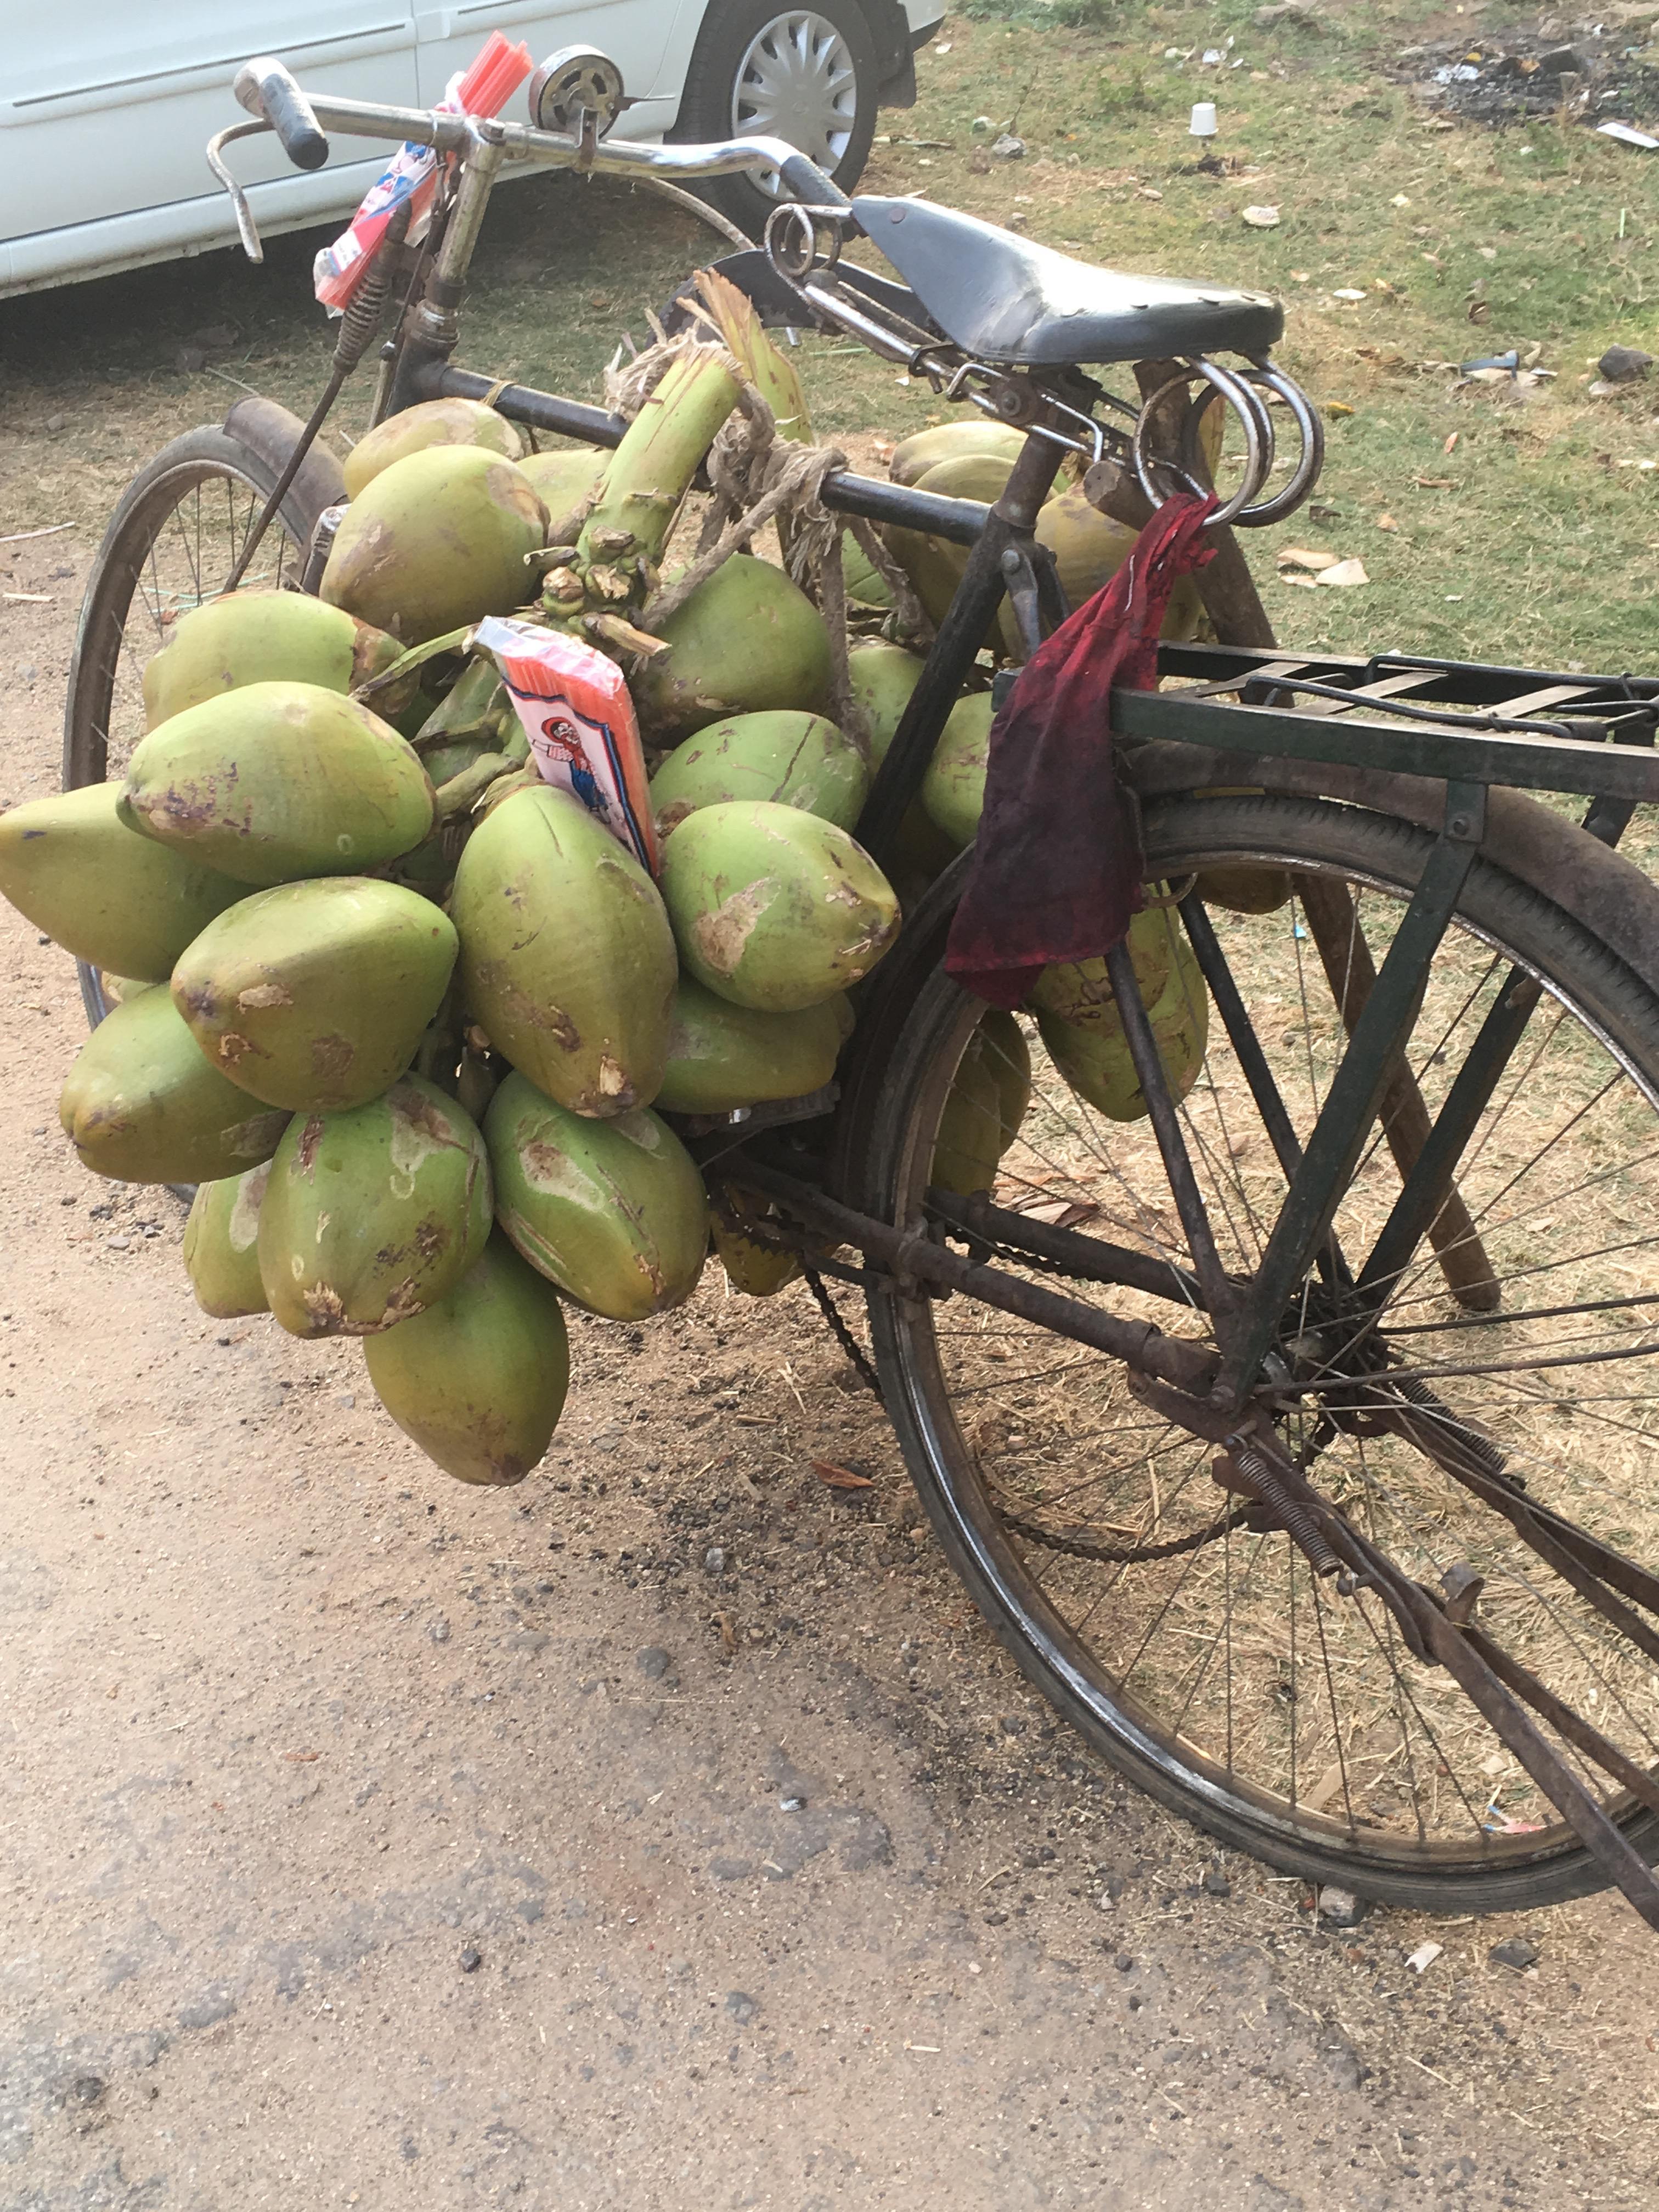 Coconut ride